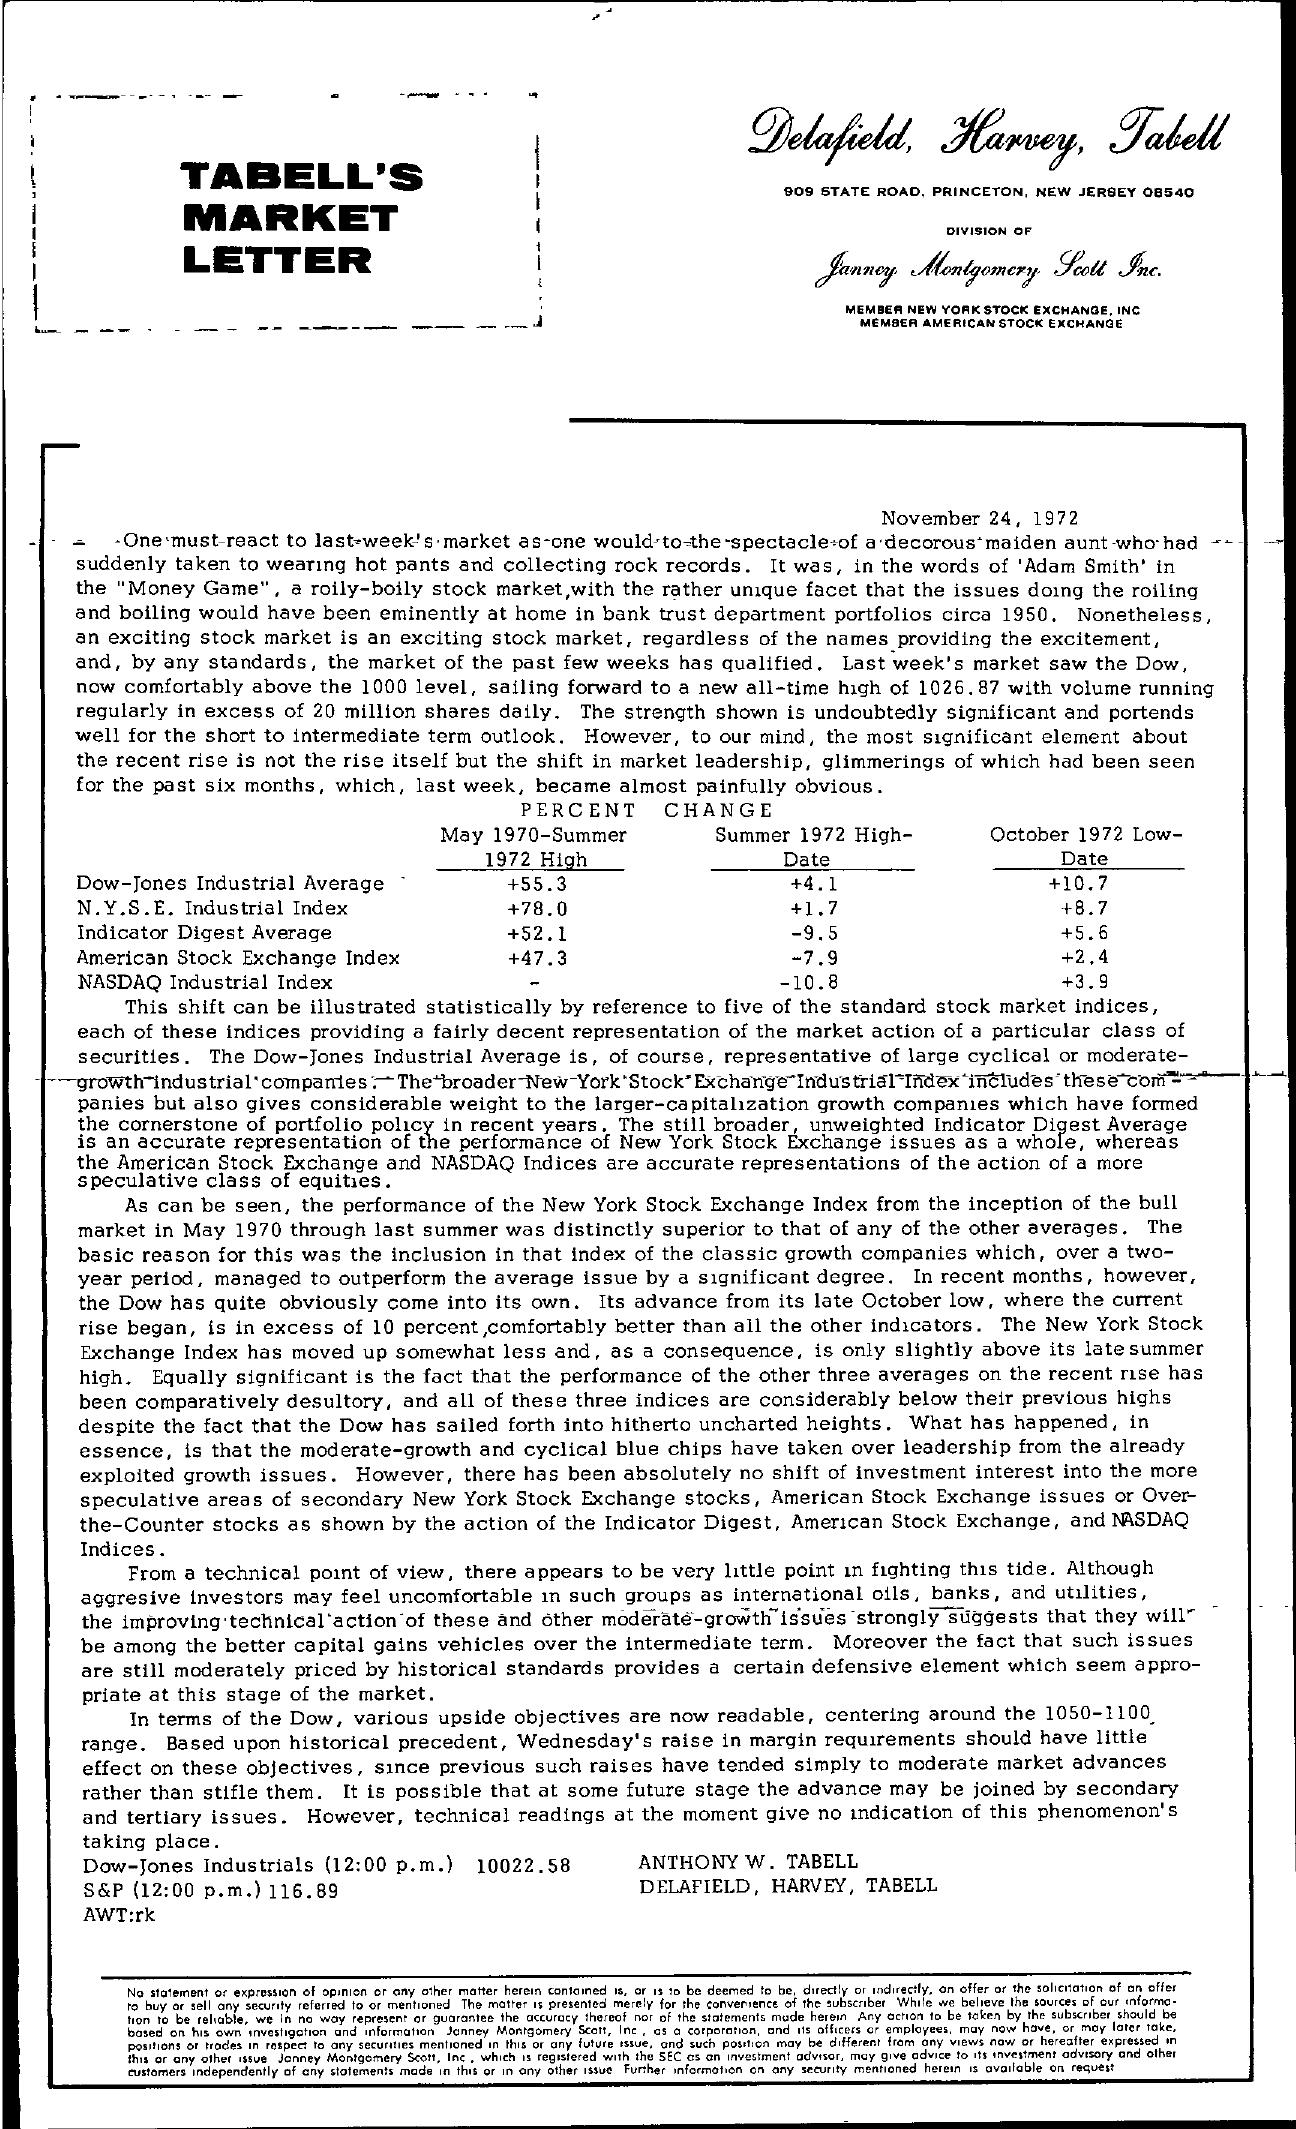 Tabell's Market Letter - November 24, 1972